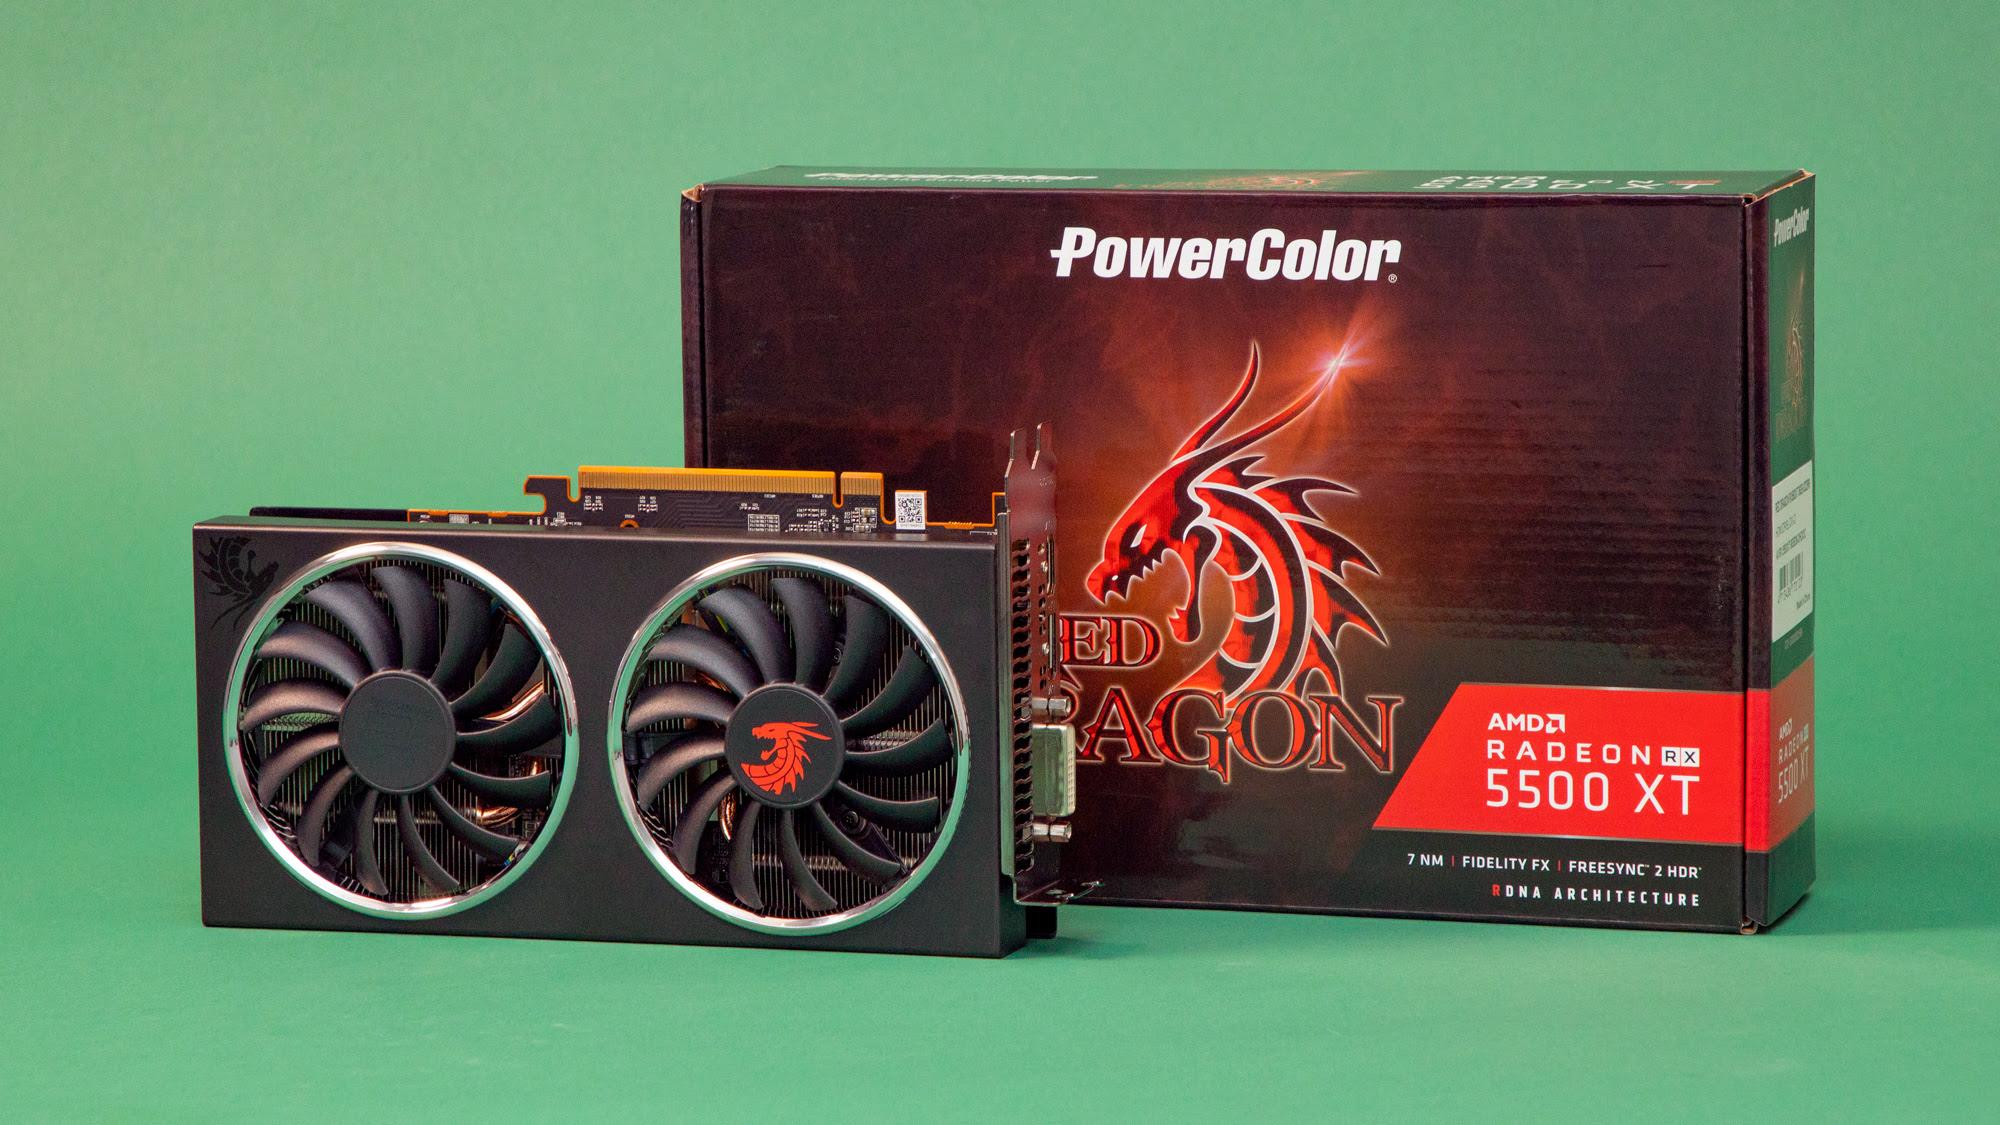 5. AMD Radeon RX 5500 XT